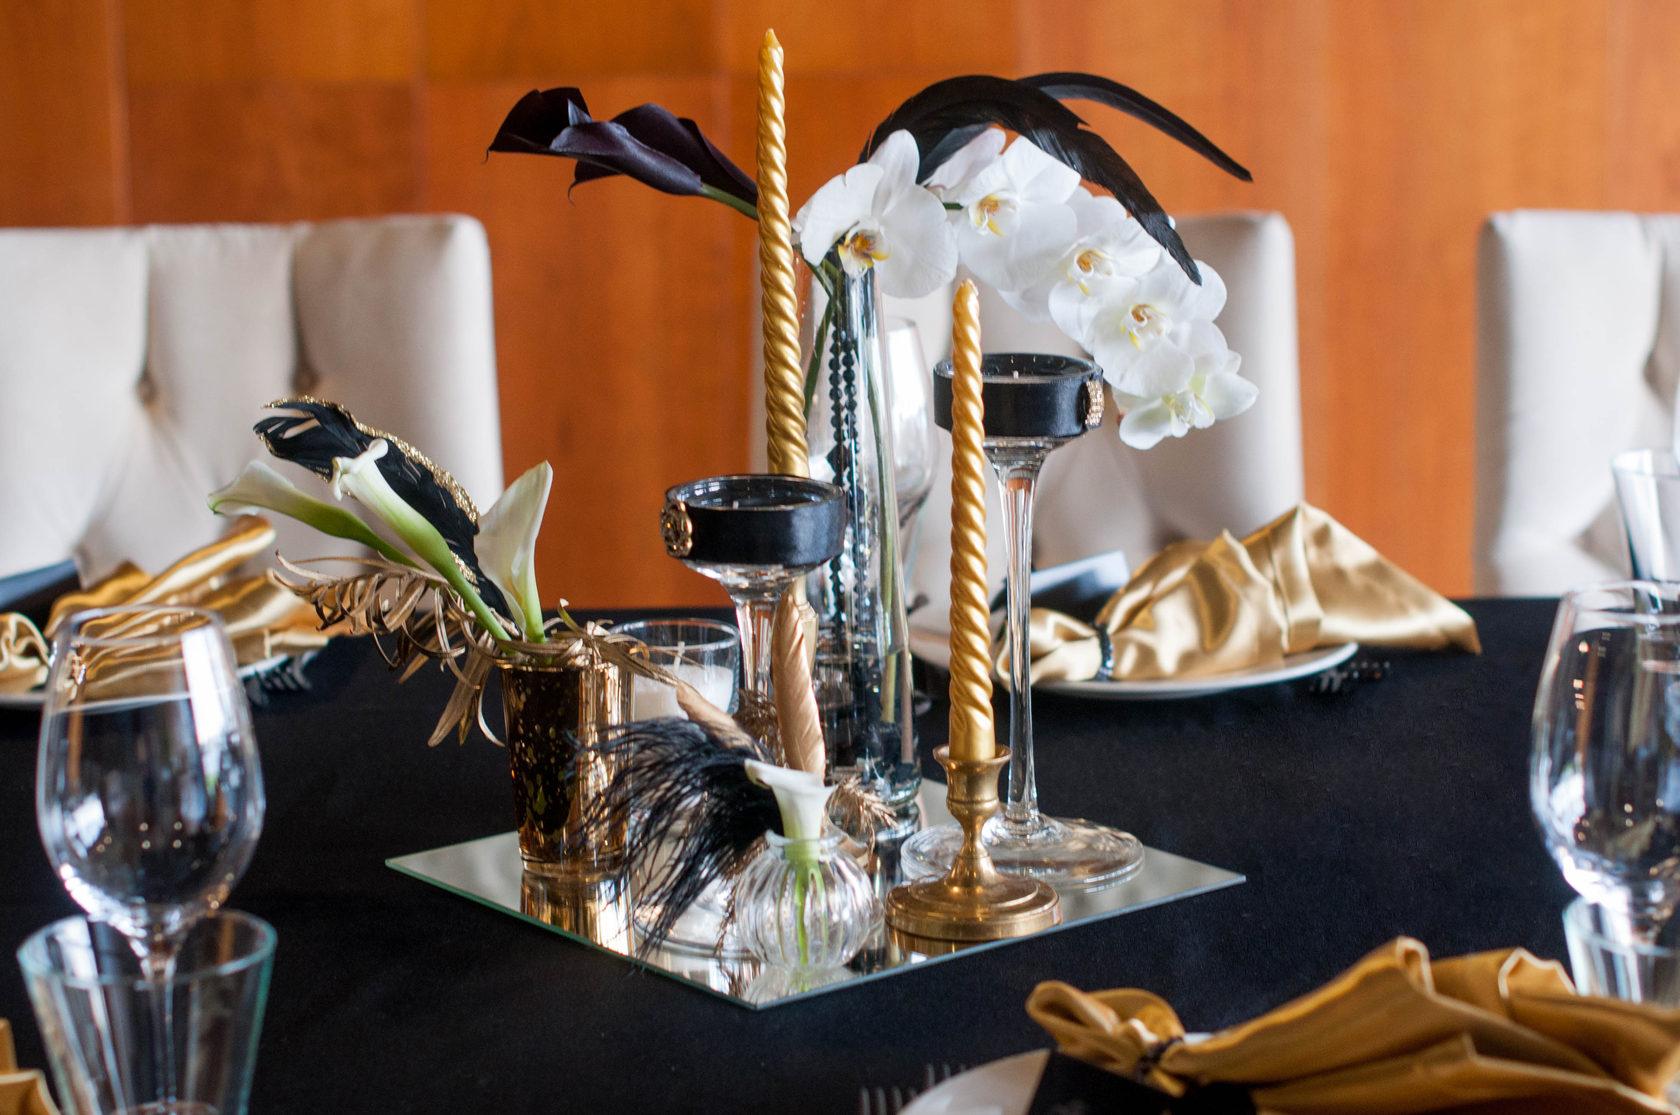 свадьба в золотой вилке туда фото как телеведущая